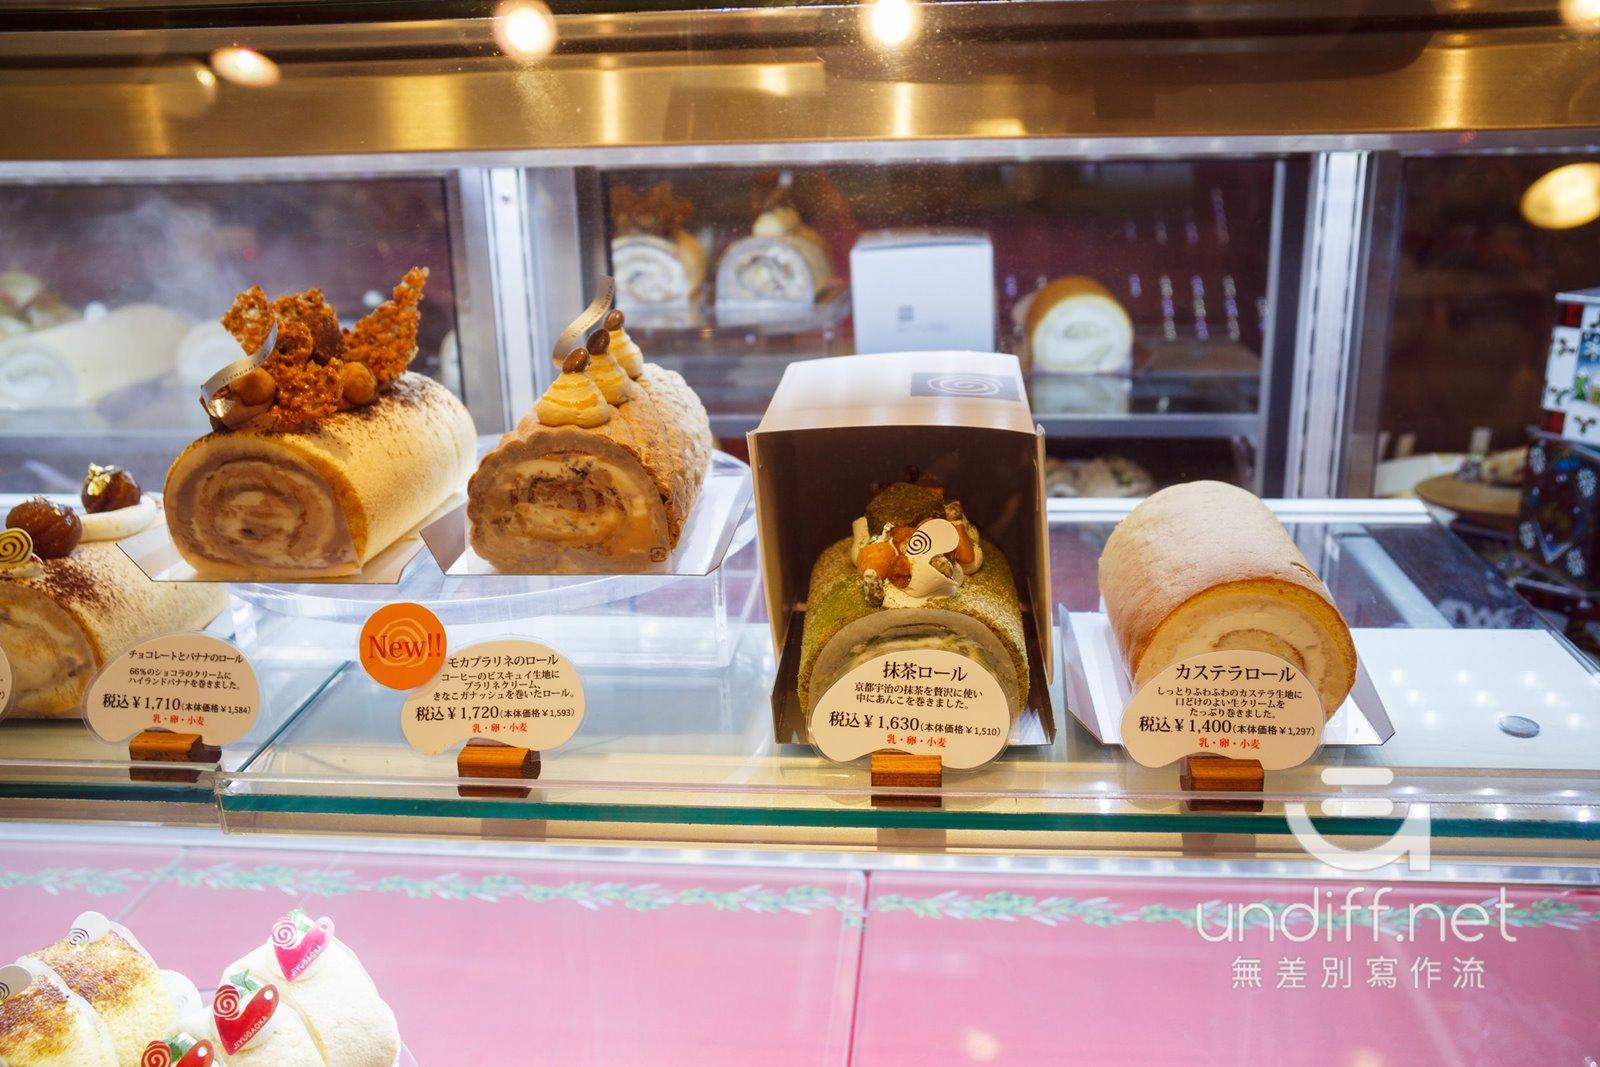 【東京美食】自由之丘 ロール屋 》樸實就很好吃的瑞士蛋糕捲專賣店 16